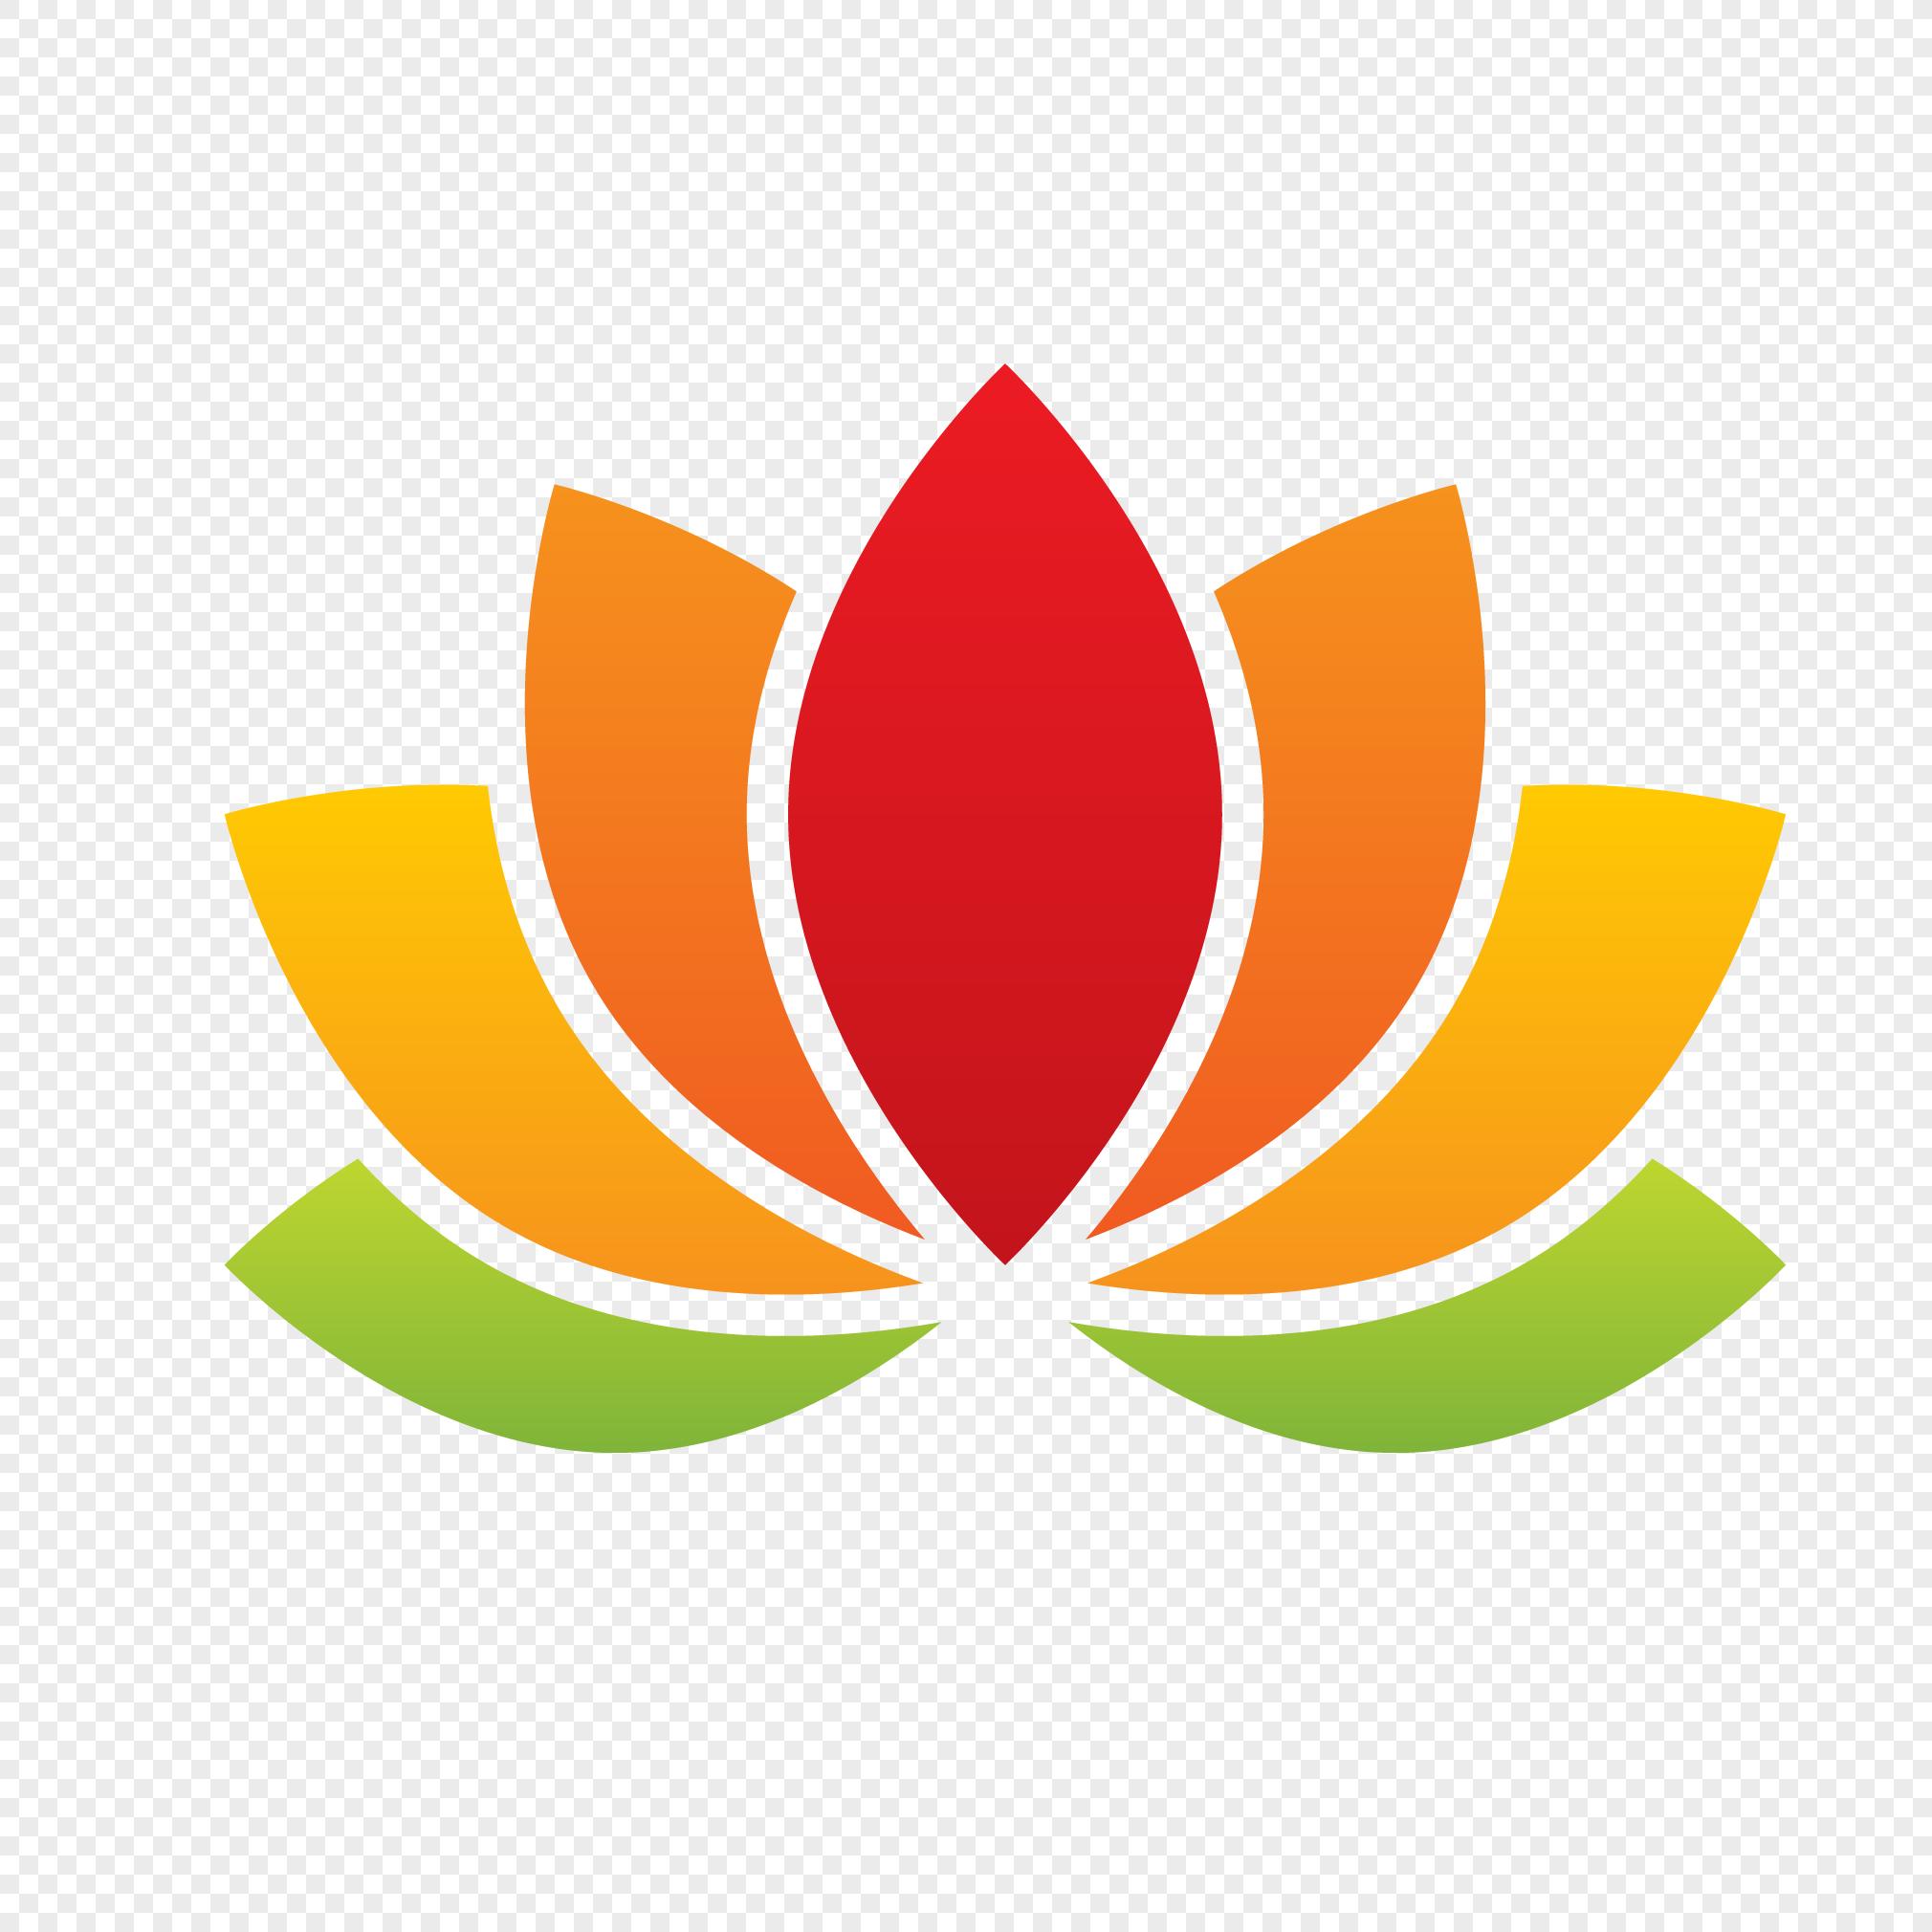 Lotus flower png imagepicture free download 400692288lovepik lotus flower izmirmasajfo